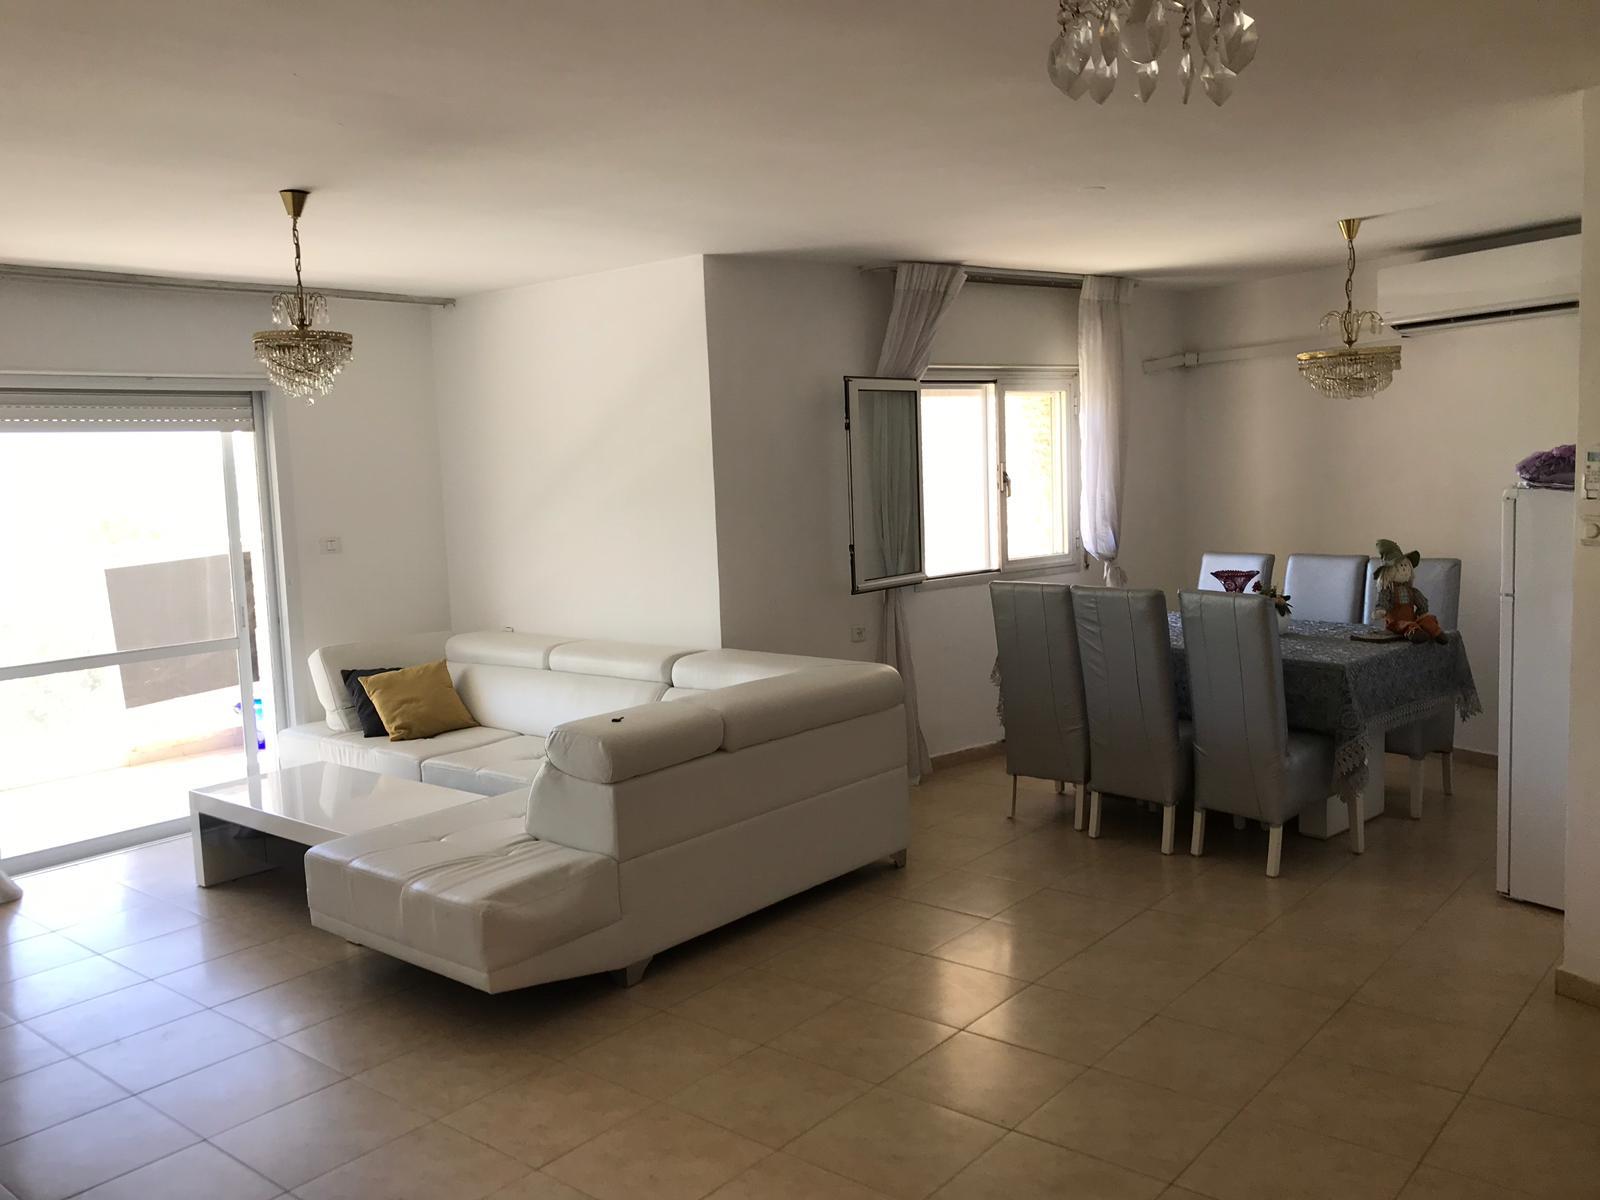 סלון הדירה ברחוב משה שרת, רמת שרת (צילום: אפי אהרון)